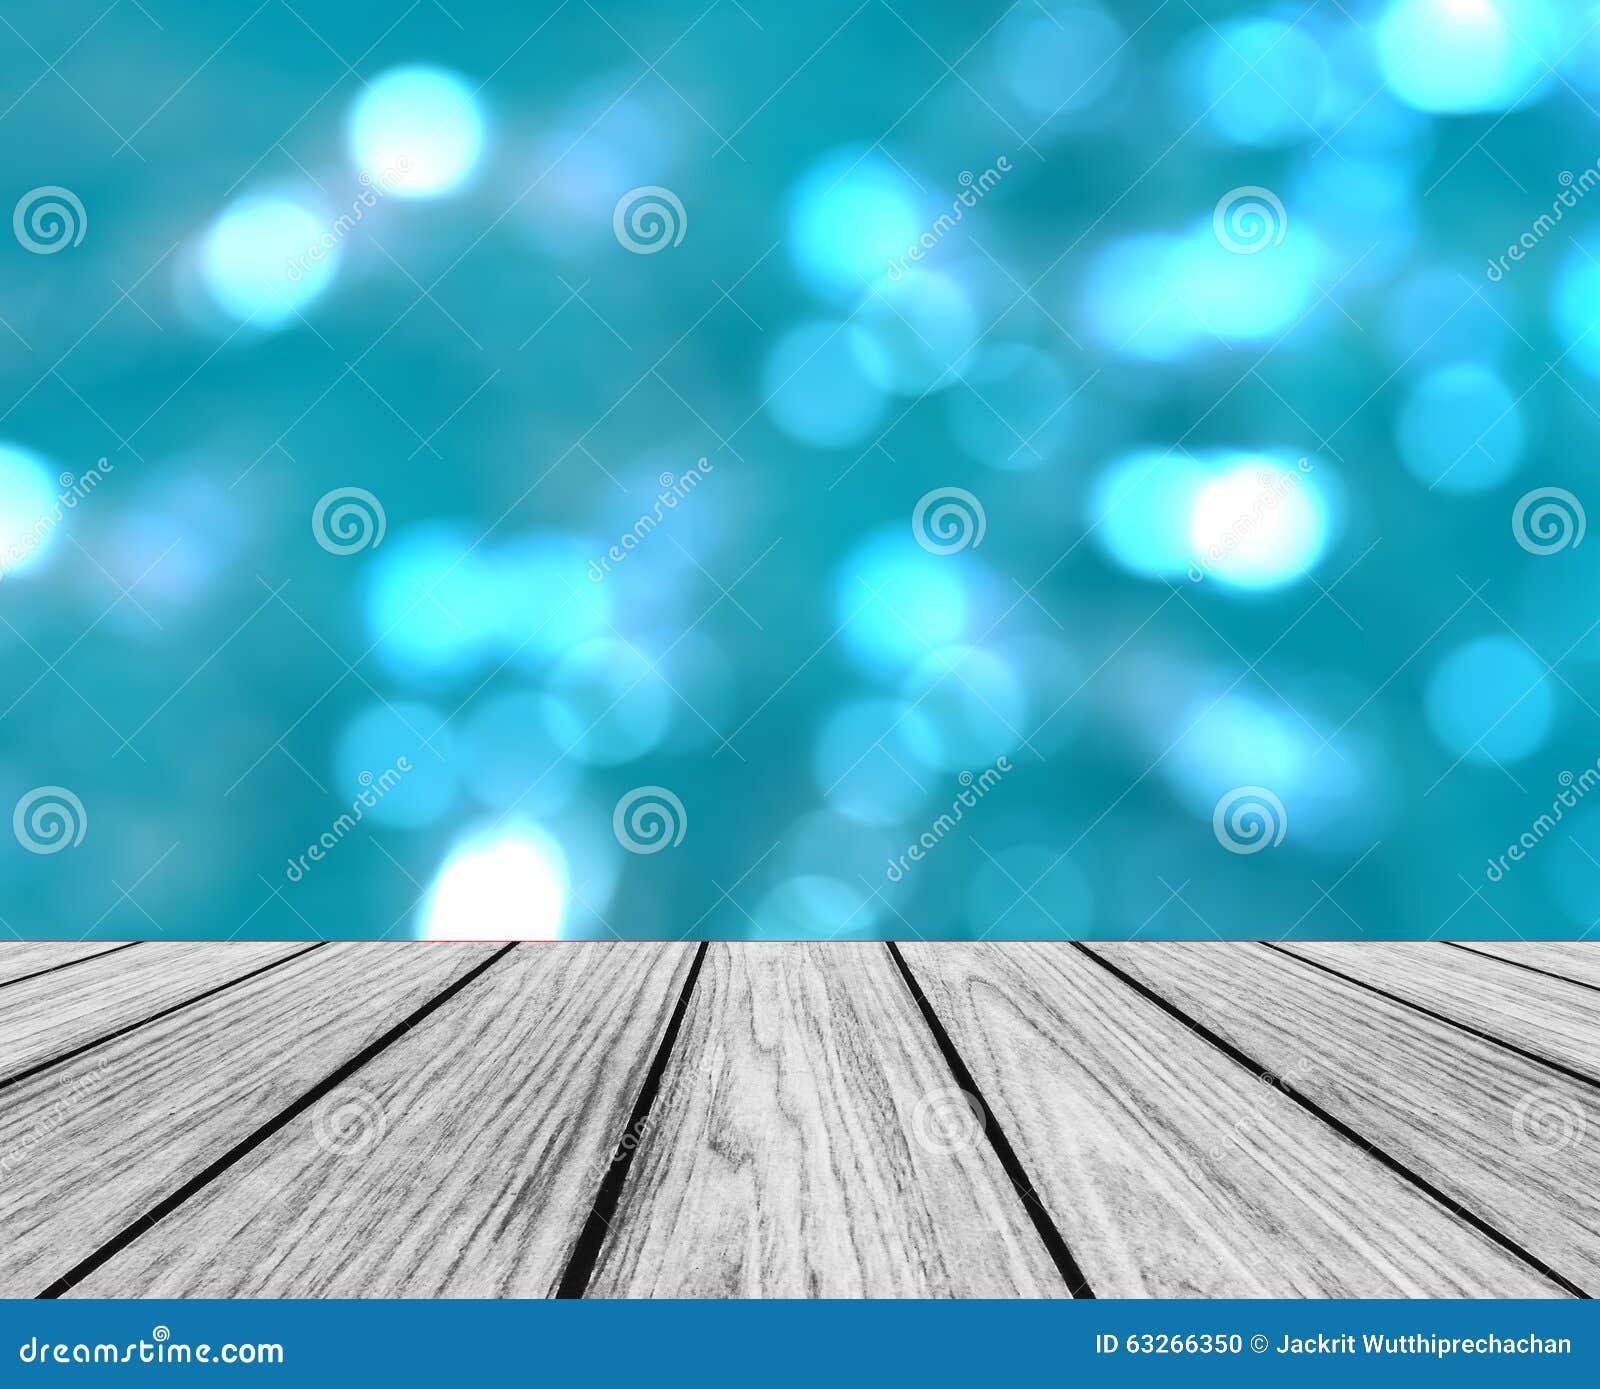 Het lege Houten Perspectiefplatform met het Fonkelen Abstracte Kleurrijke Ronde Lichte die Bokeh omcirkelt Achtergrond als Malpla